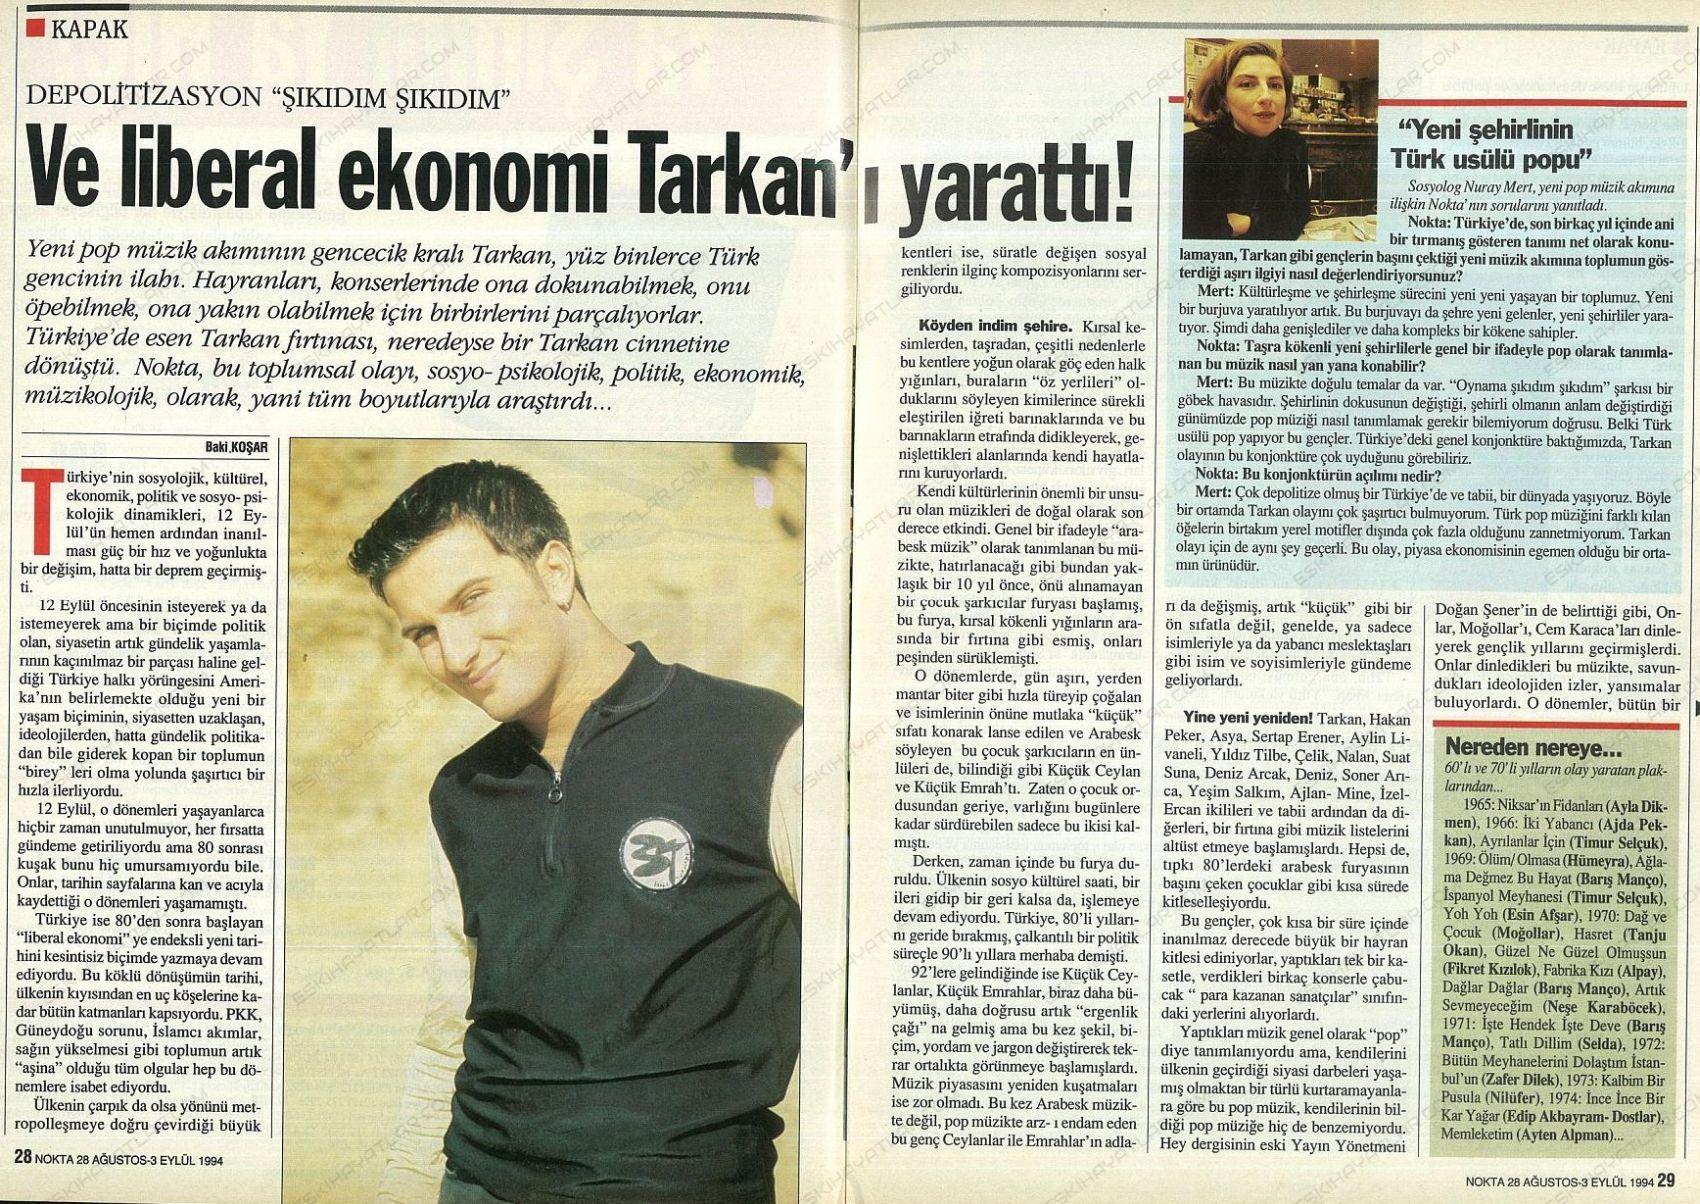 0146-tarkan-tevetoglu-1994-aacayipsin-albumu-nokta-dergisi-yine-sensiz-albumu-doksanlarda-kaset-satin-almak (13)